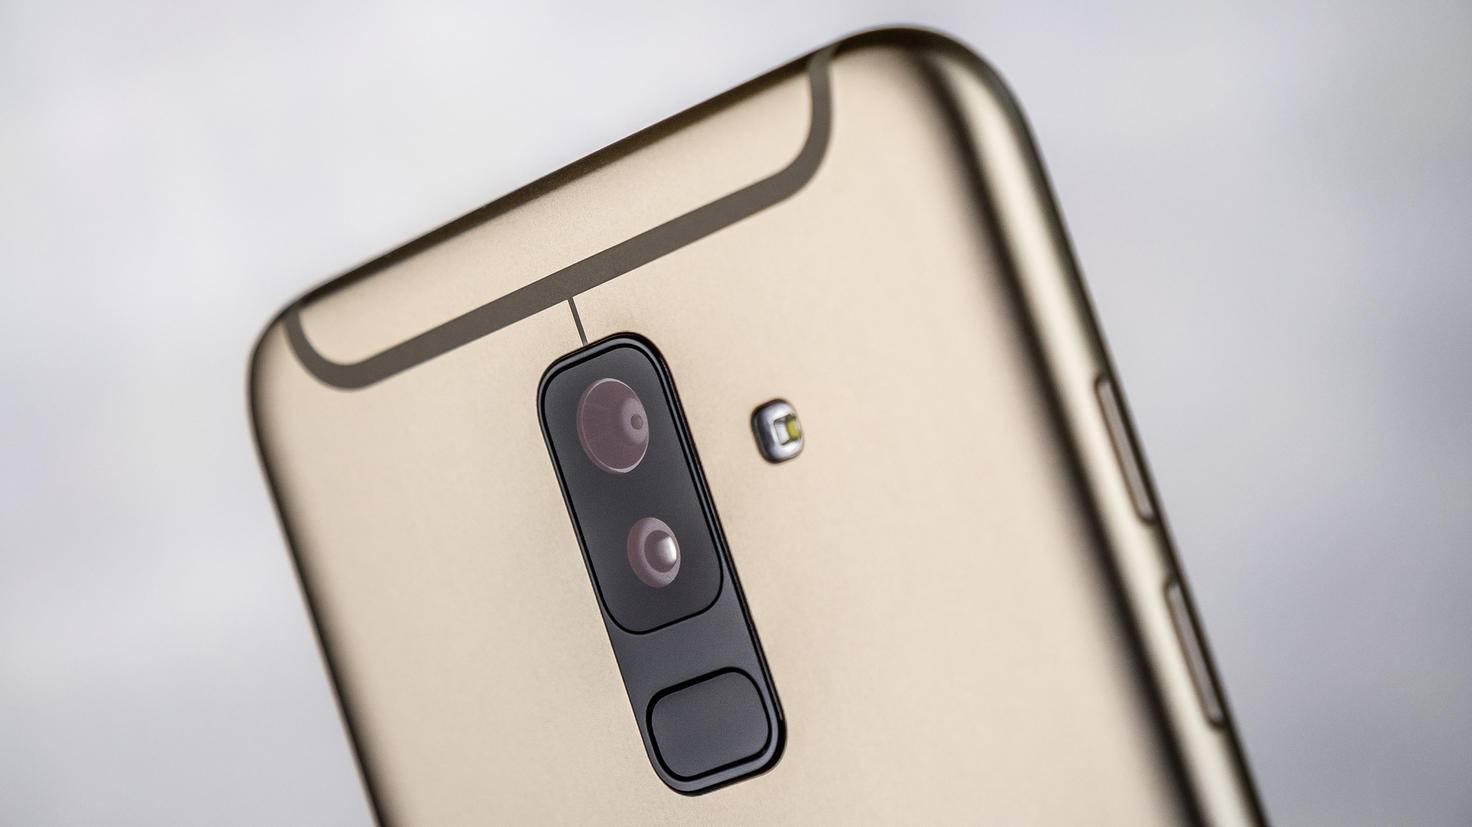 Samsung-Galaxy-A6-Plus-TURN-ON-5